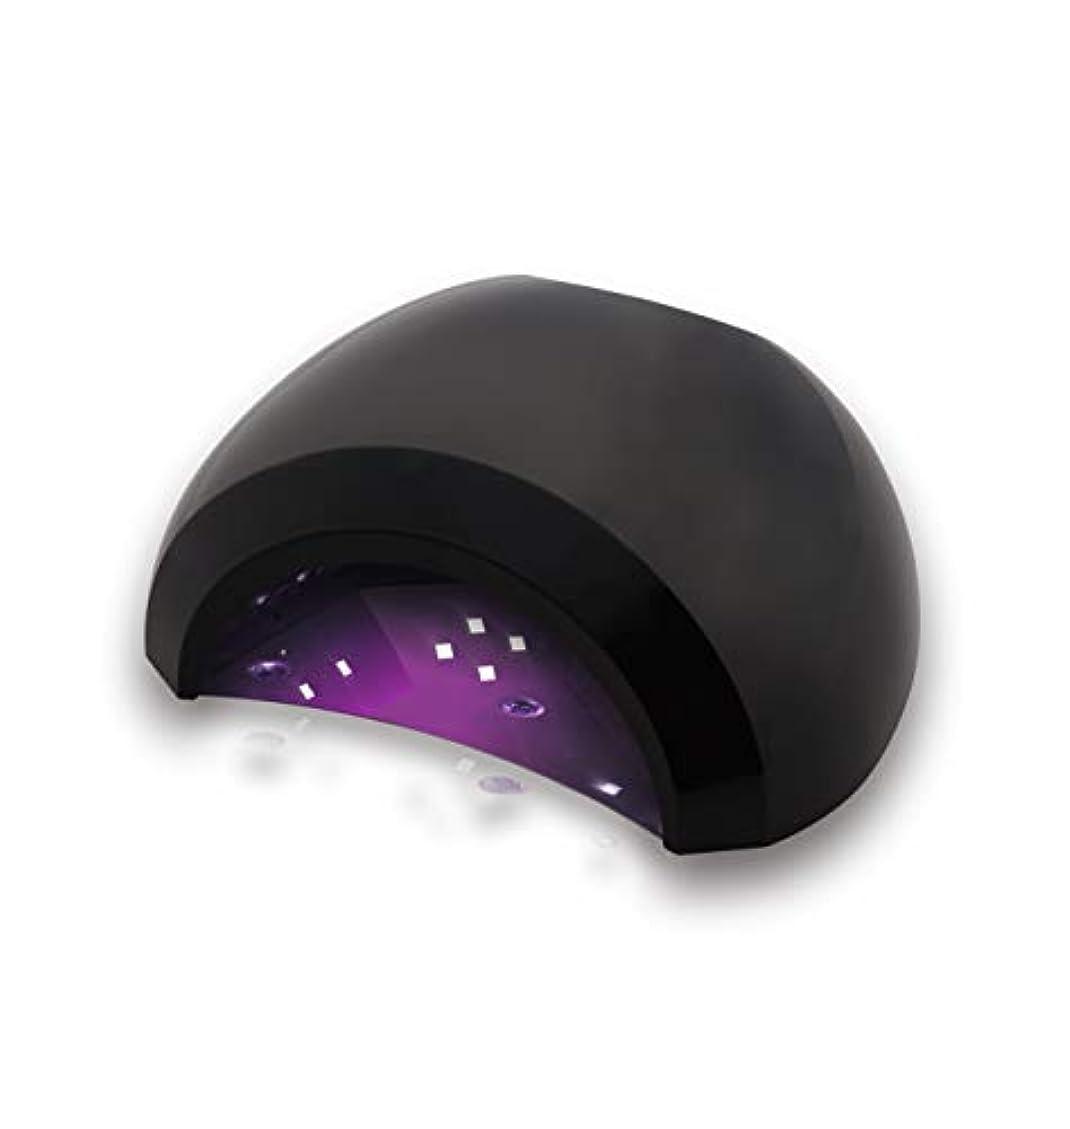 蜜ヒギンズ試すAokitec UV LED ネイルドライヤー 48w高速硬化ネイルライト 人感センサーとタイマー付 時間メモリ 手足両用ネイルランプ 全ジェル対応 レジンにも使える 日本語説明書付【一年間保証】 …